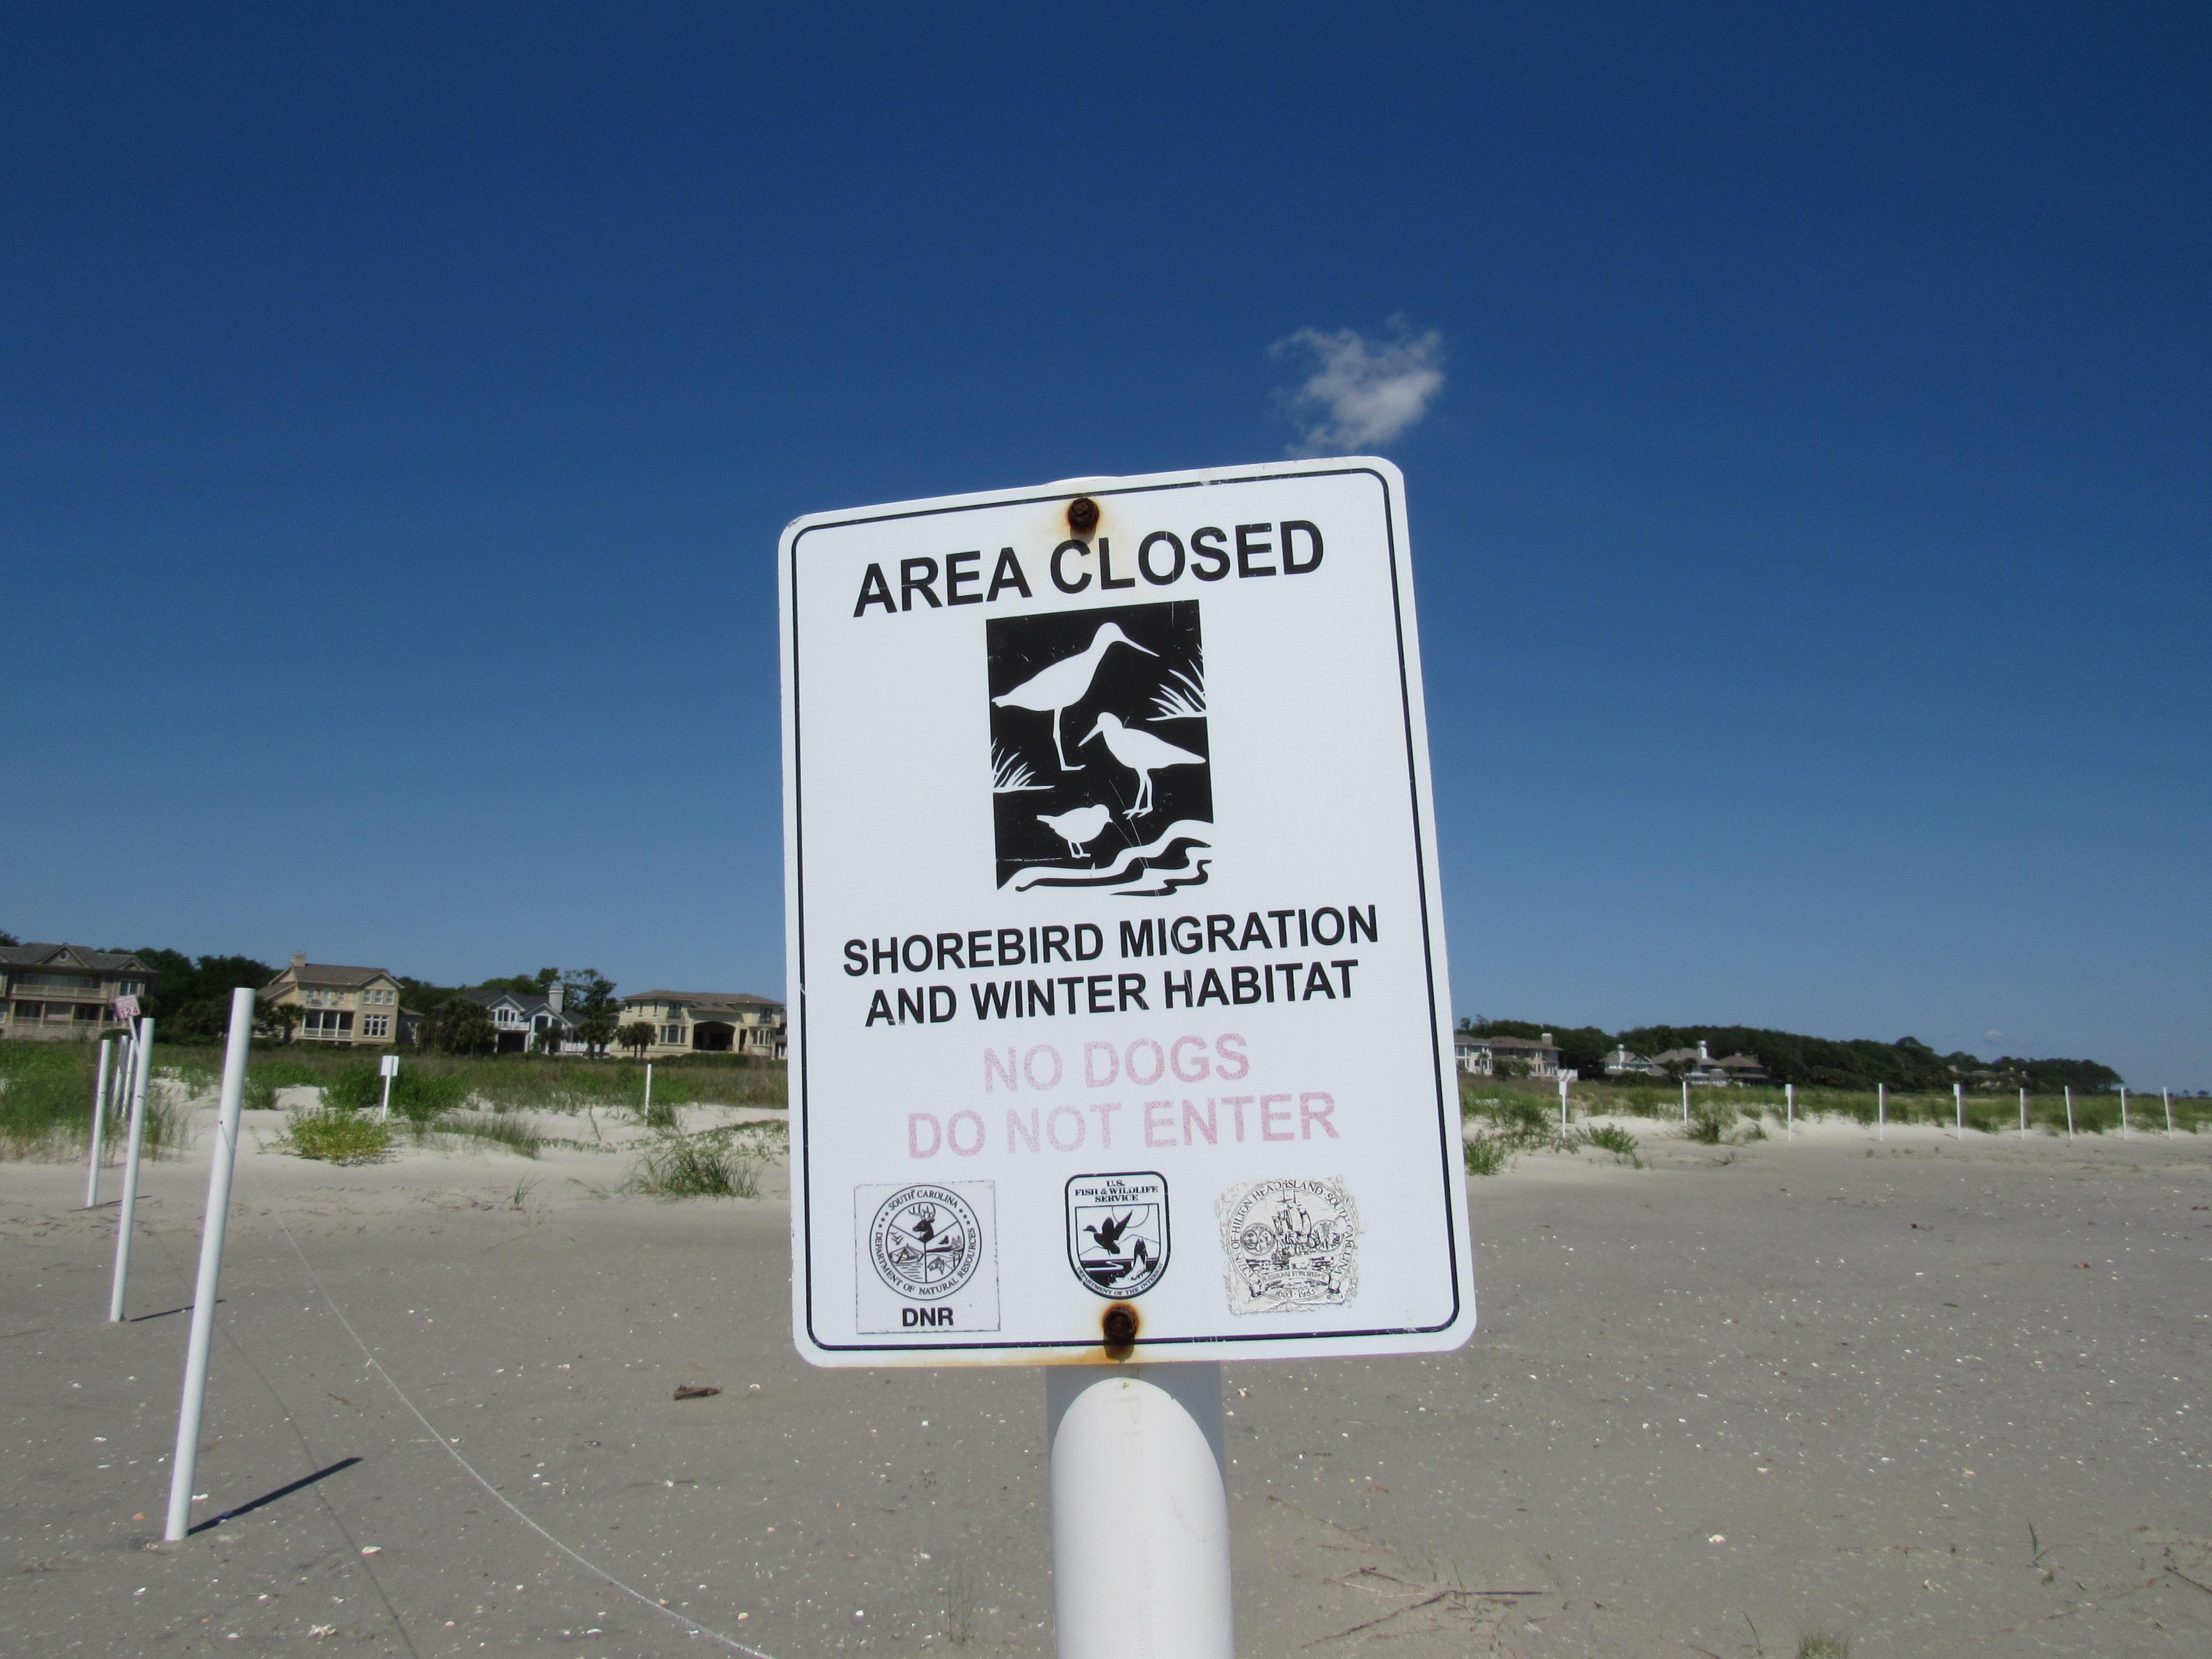 Shorebird migration area